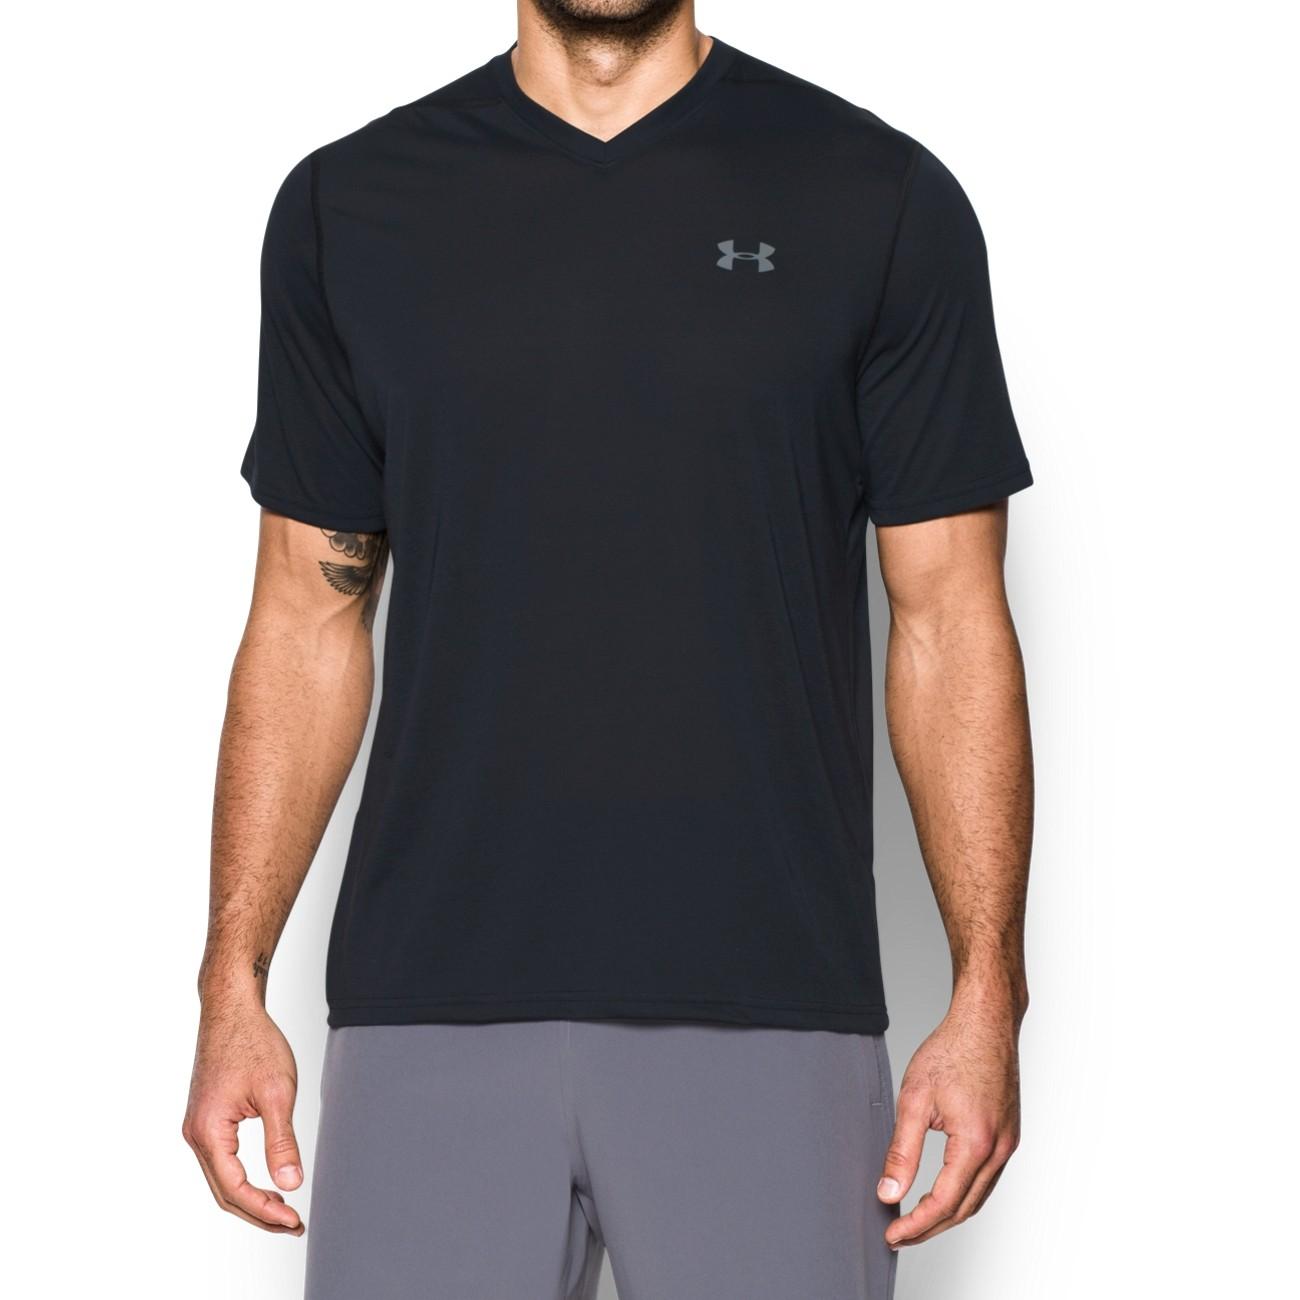 חולצת אימון ש קצר וי  אנדר ארמור 1253534-001